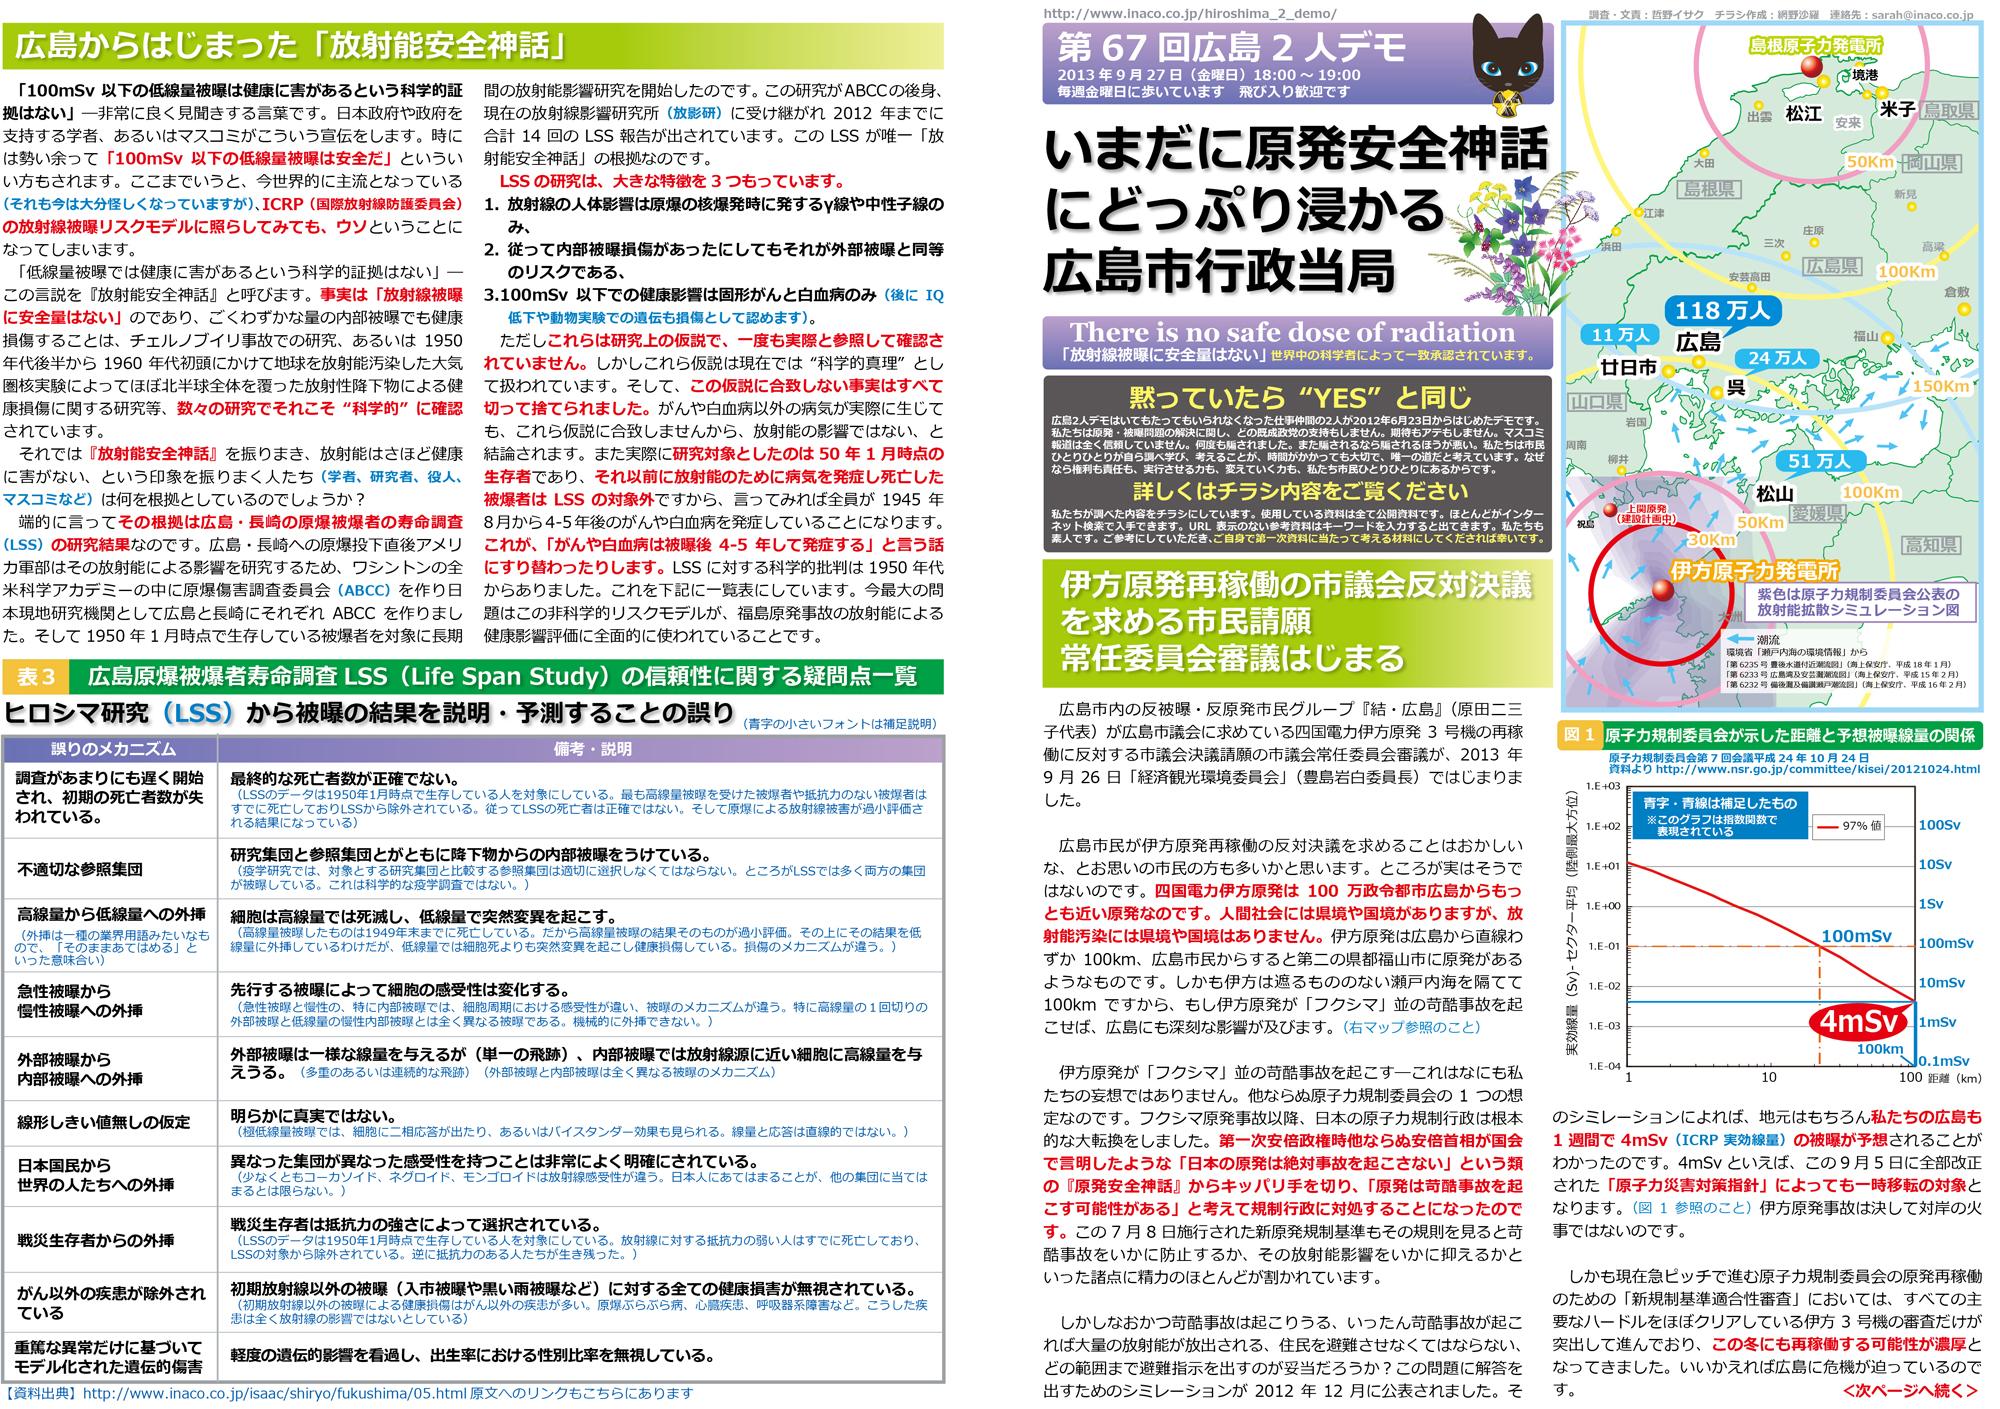 ファイル 200-1.jpg